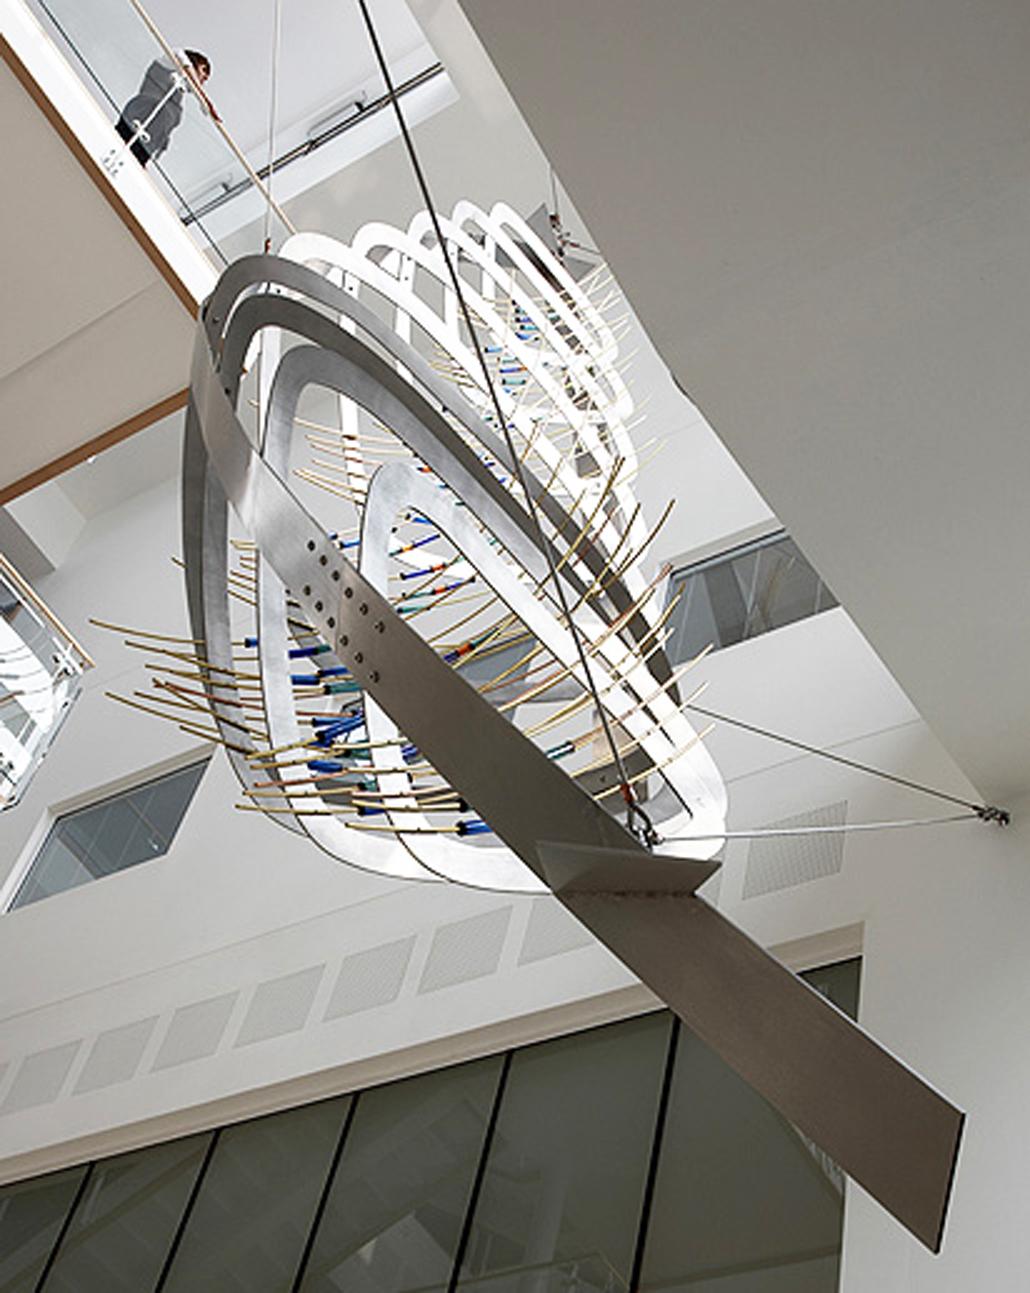 Boat Sculpture, Designer: Rob Olins